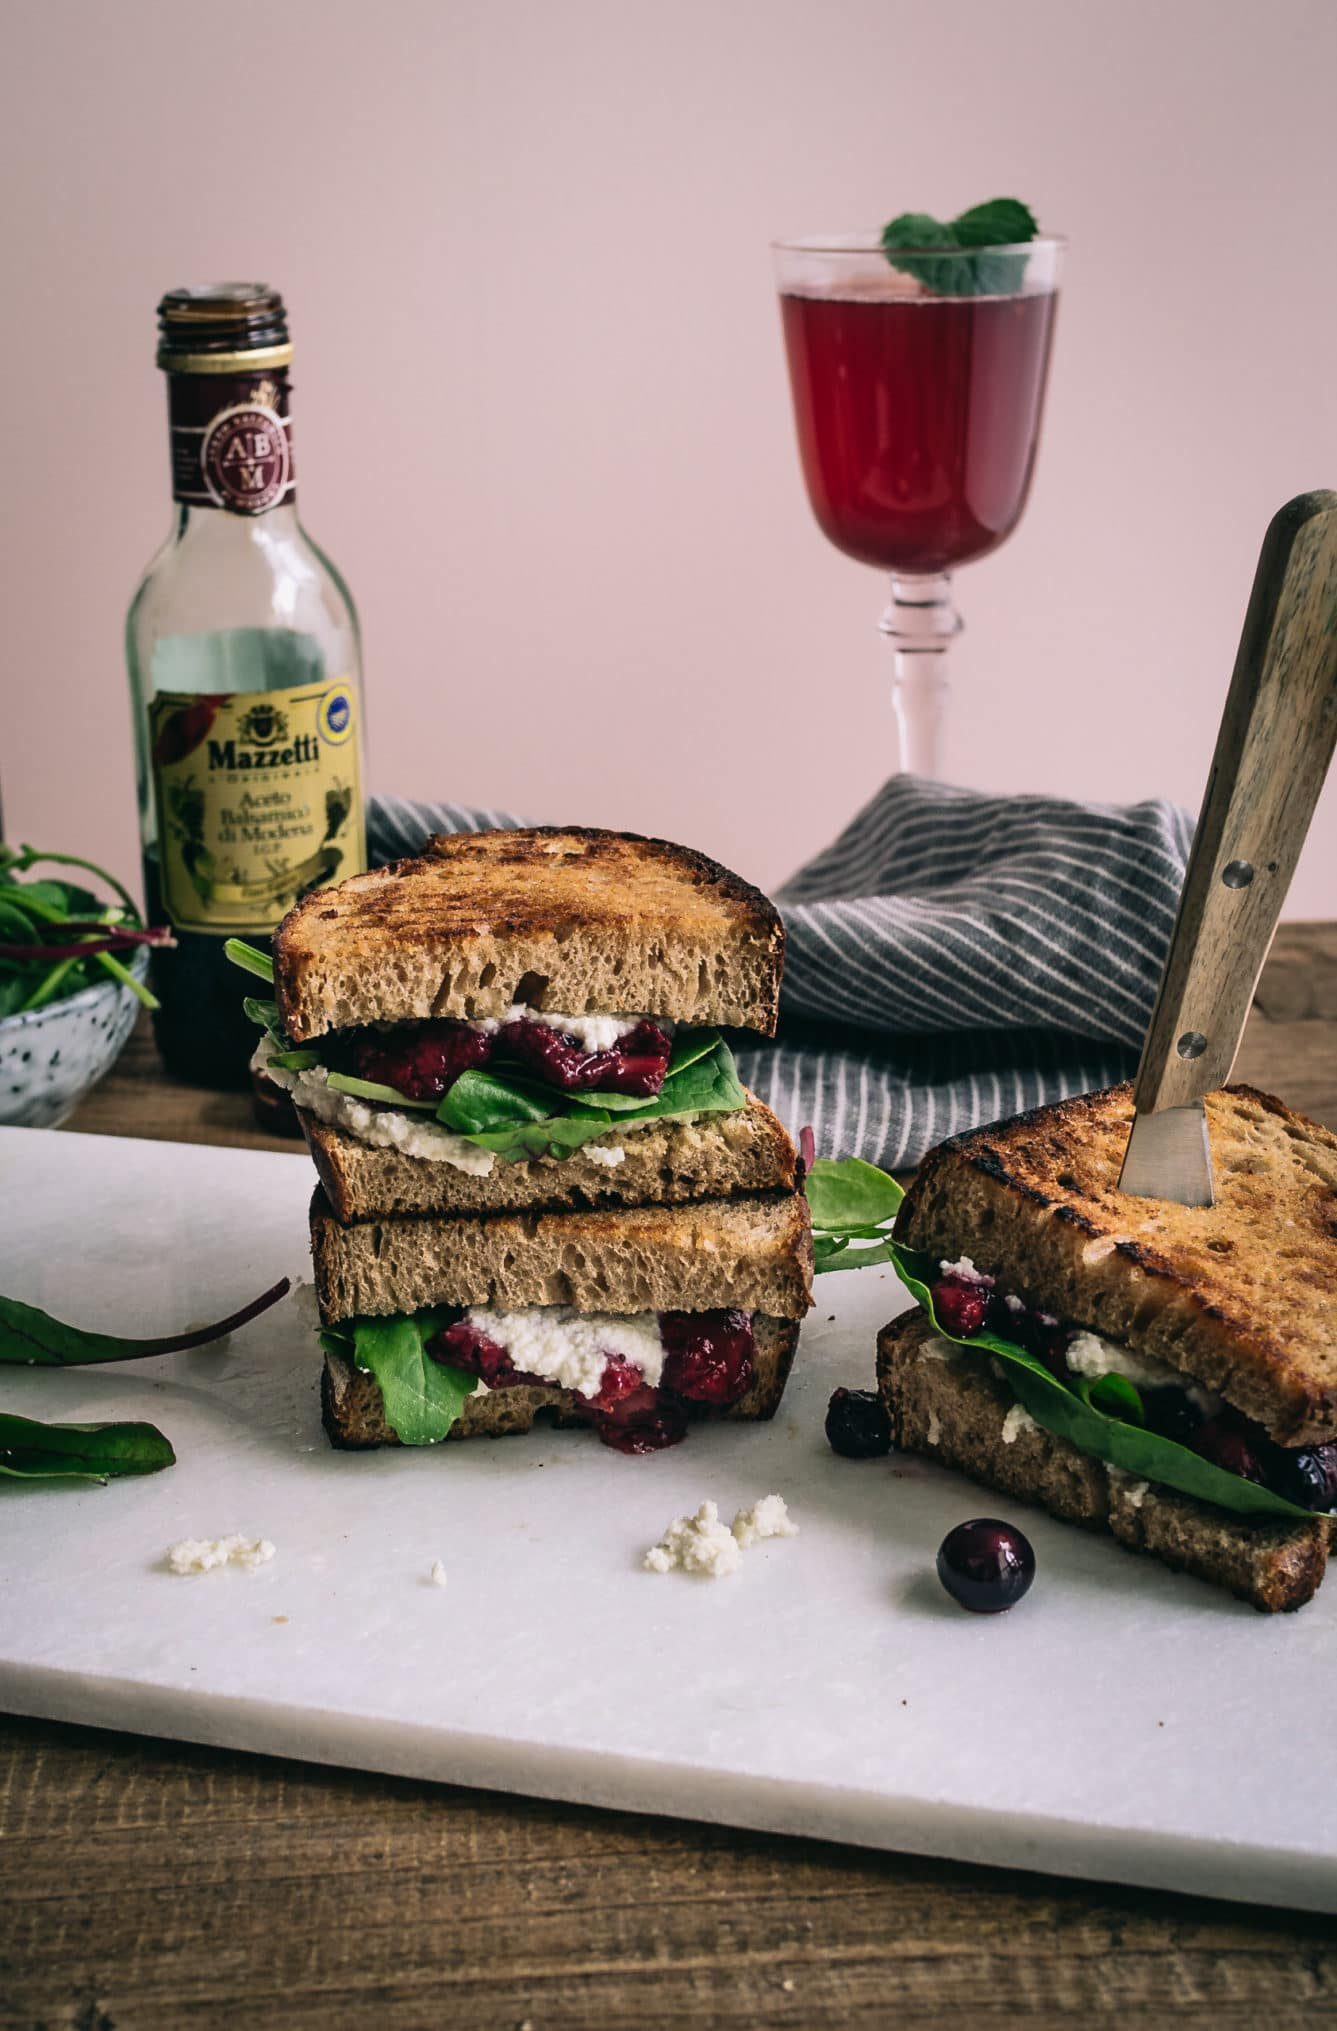 Beeren und Balsamico grilled Ricotta Sandwich mit Mazzetti l'originale